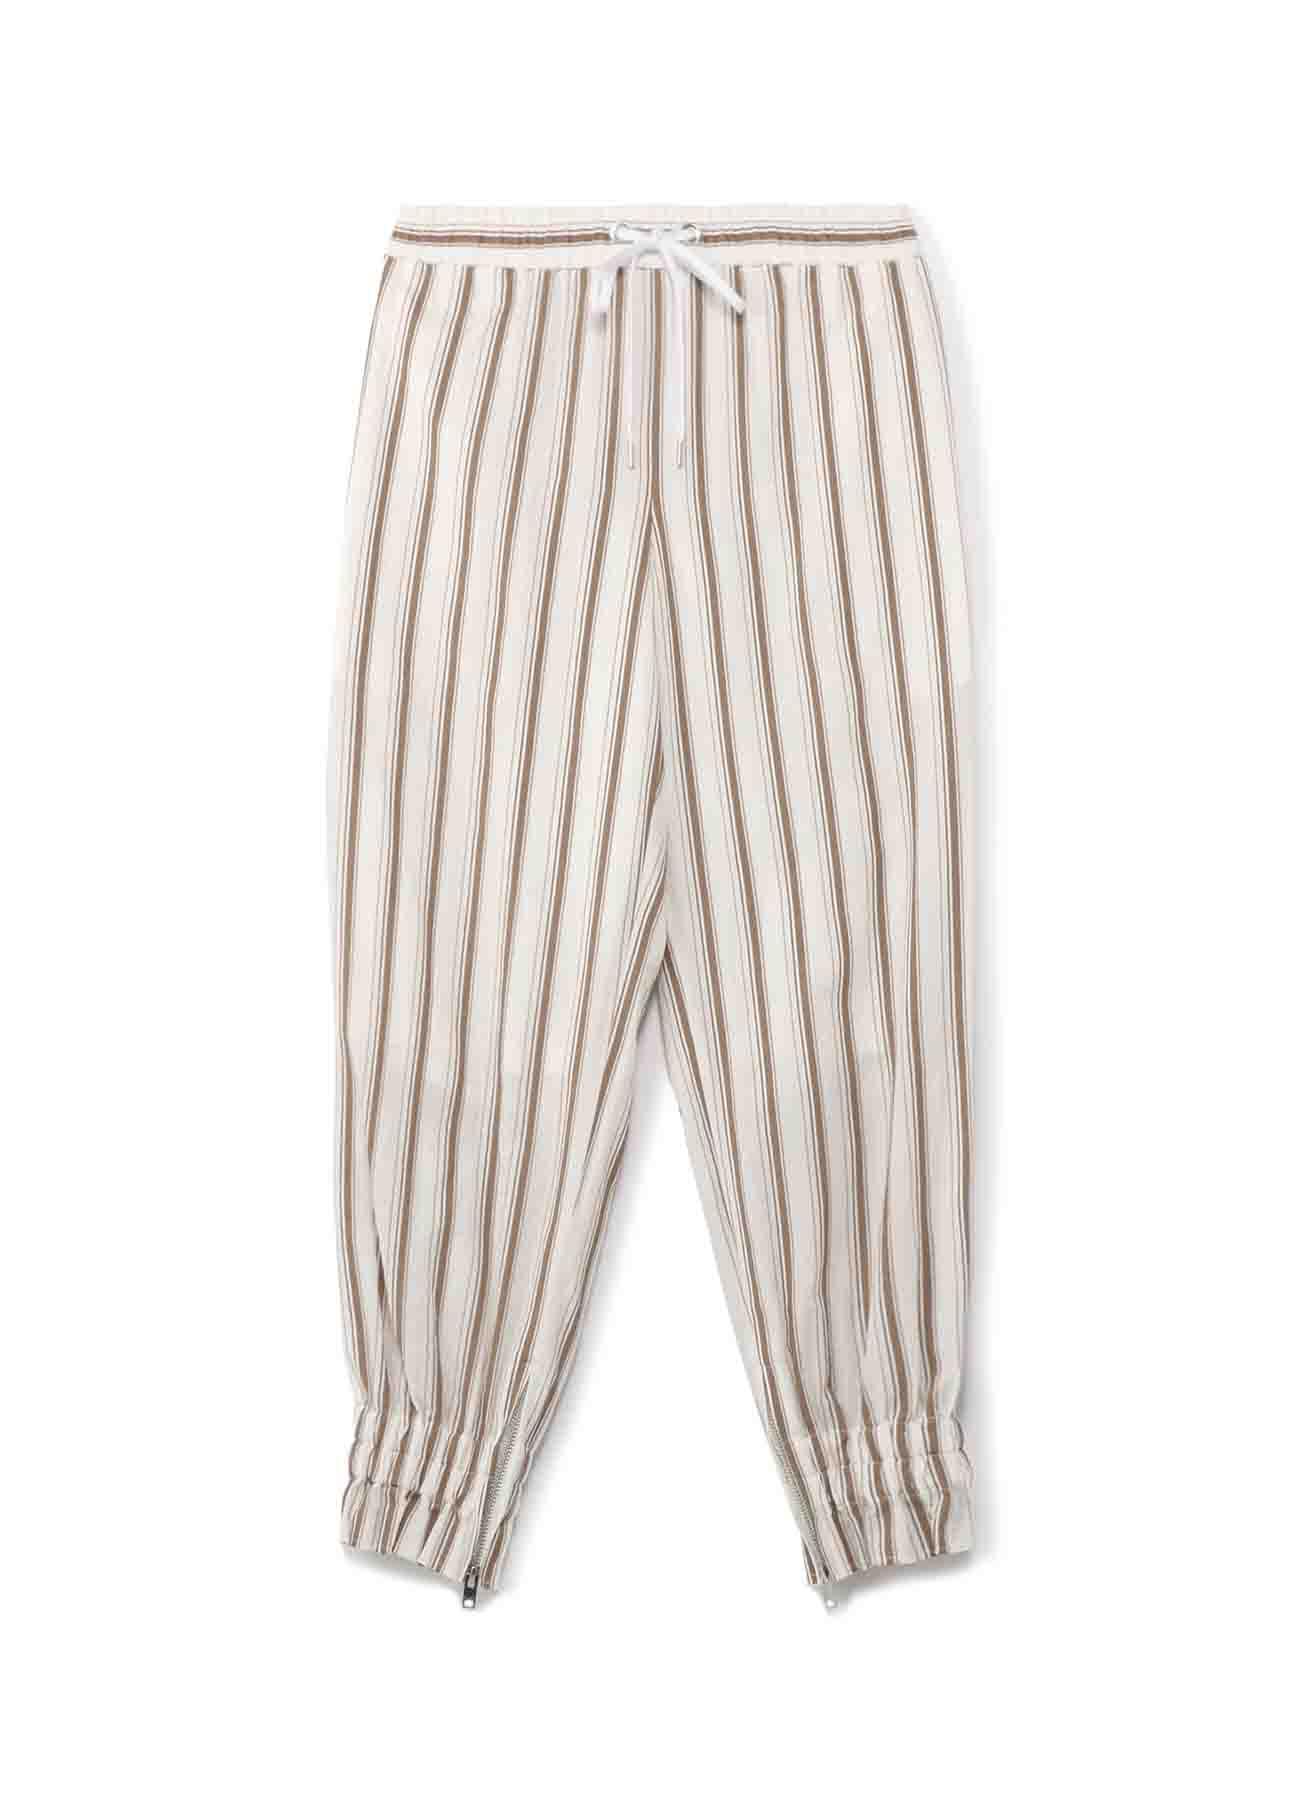 先染めムラネップツイル 裾ゴム入パンツ